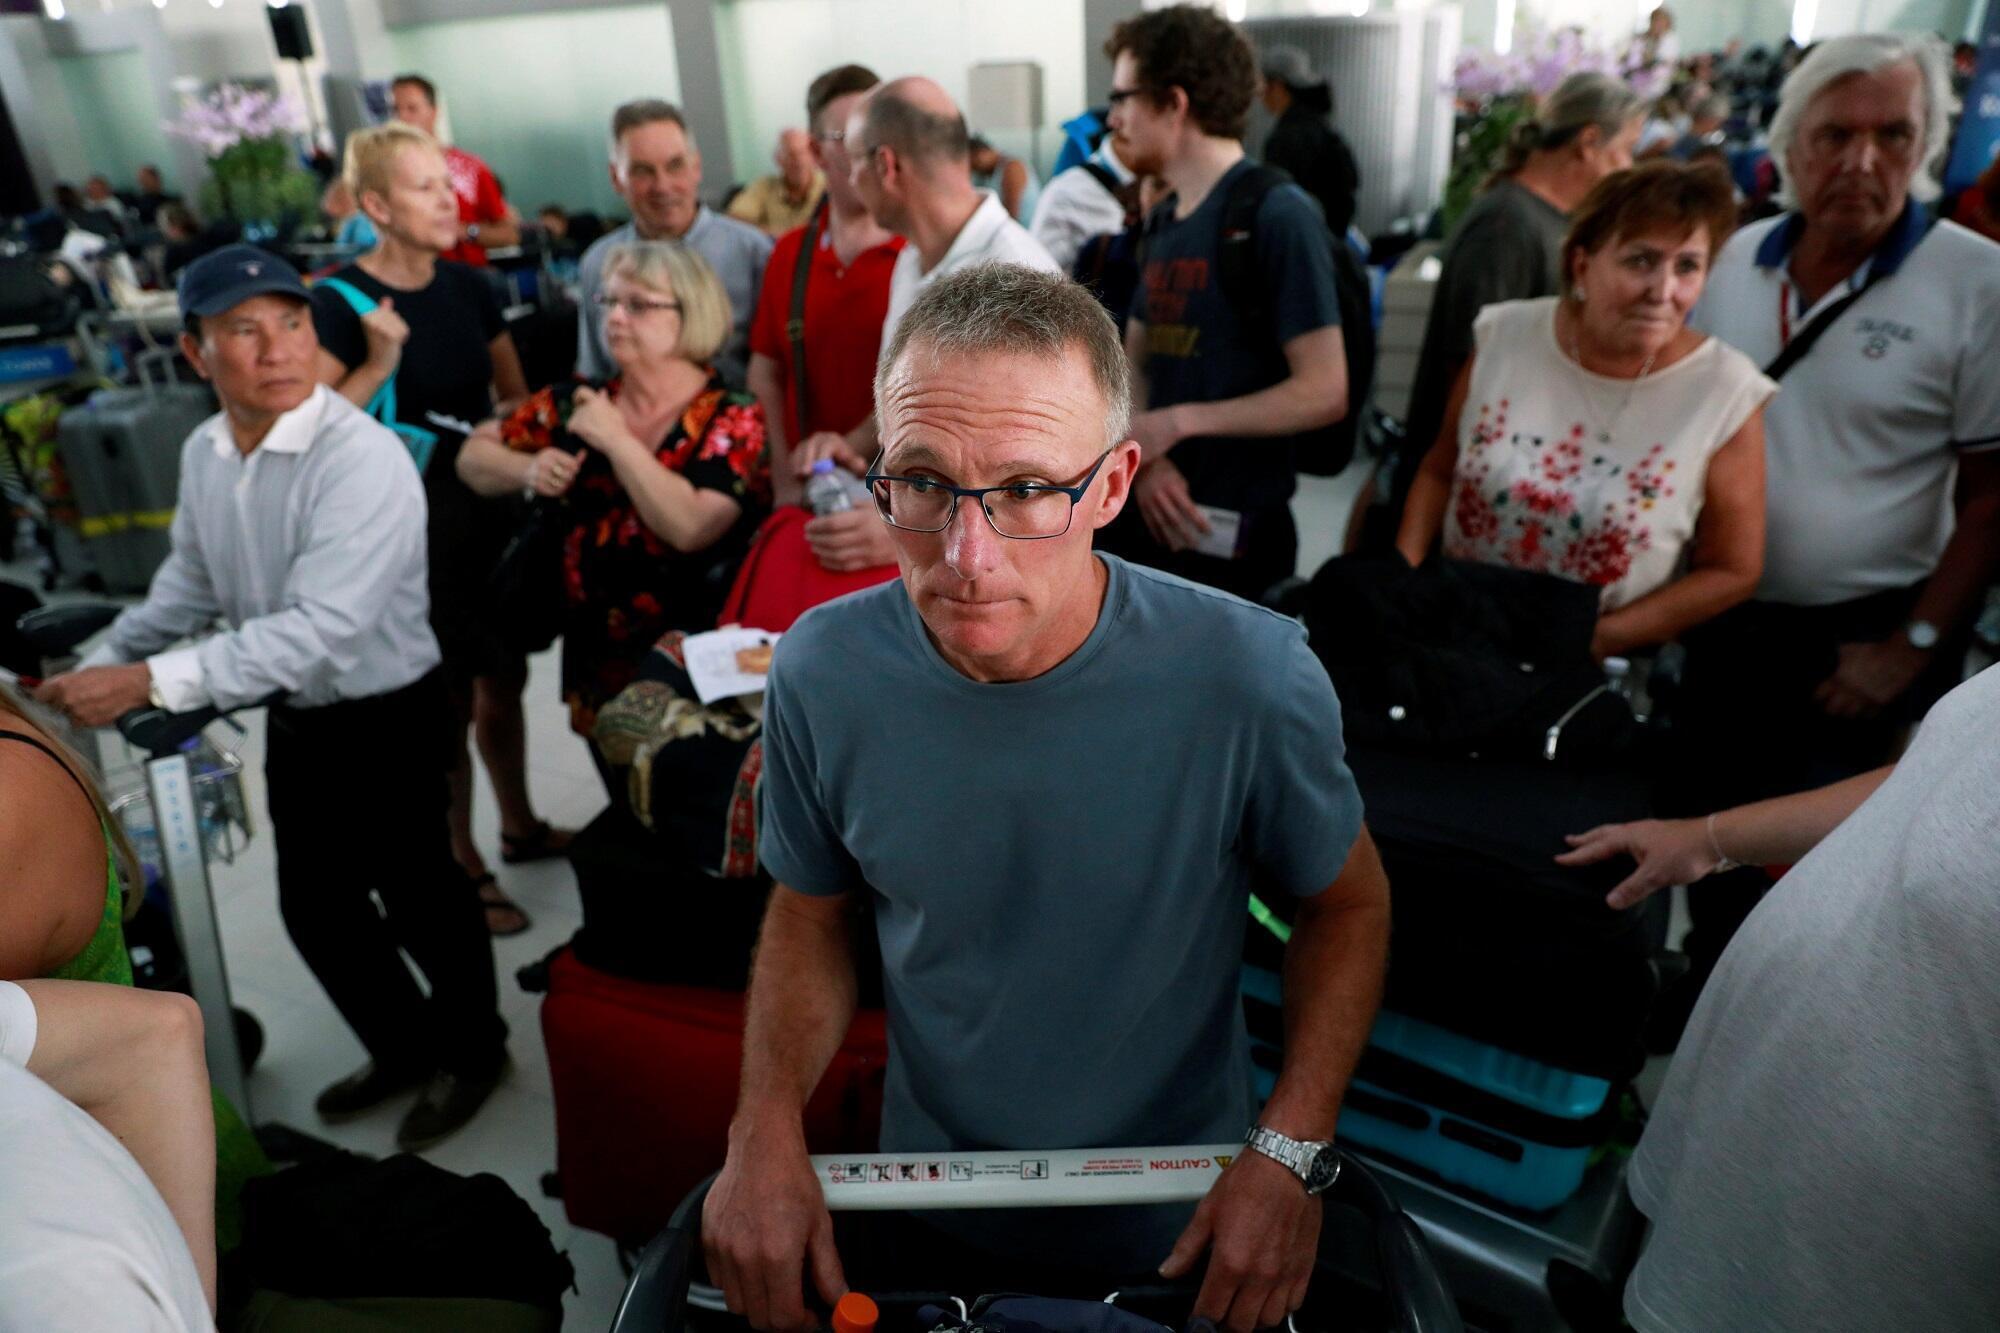 Hành khách bị ách lại sau khi hãng hàng không Thai Airway hủy hoãn các chuyến đi và đến từ châu Âu, sân bay Suvarnabhumi Airport, Bangkok, 28/02/2019.